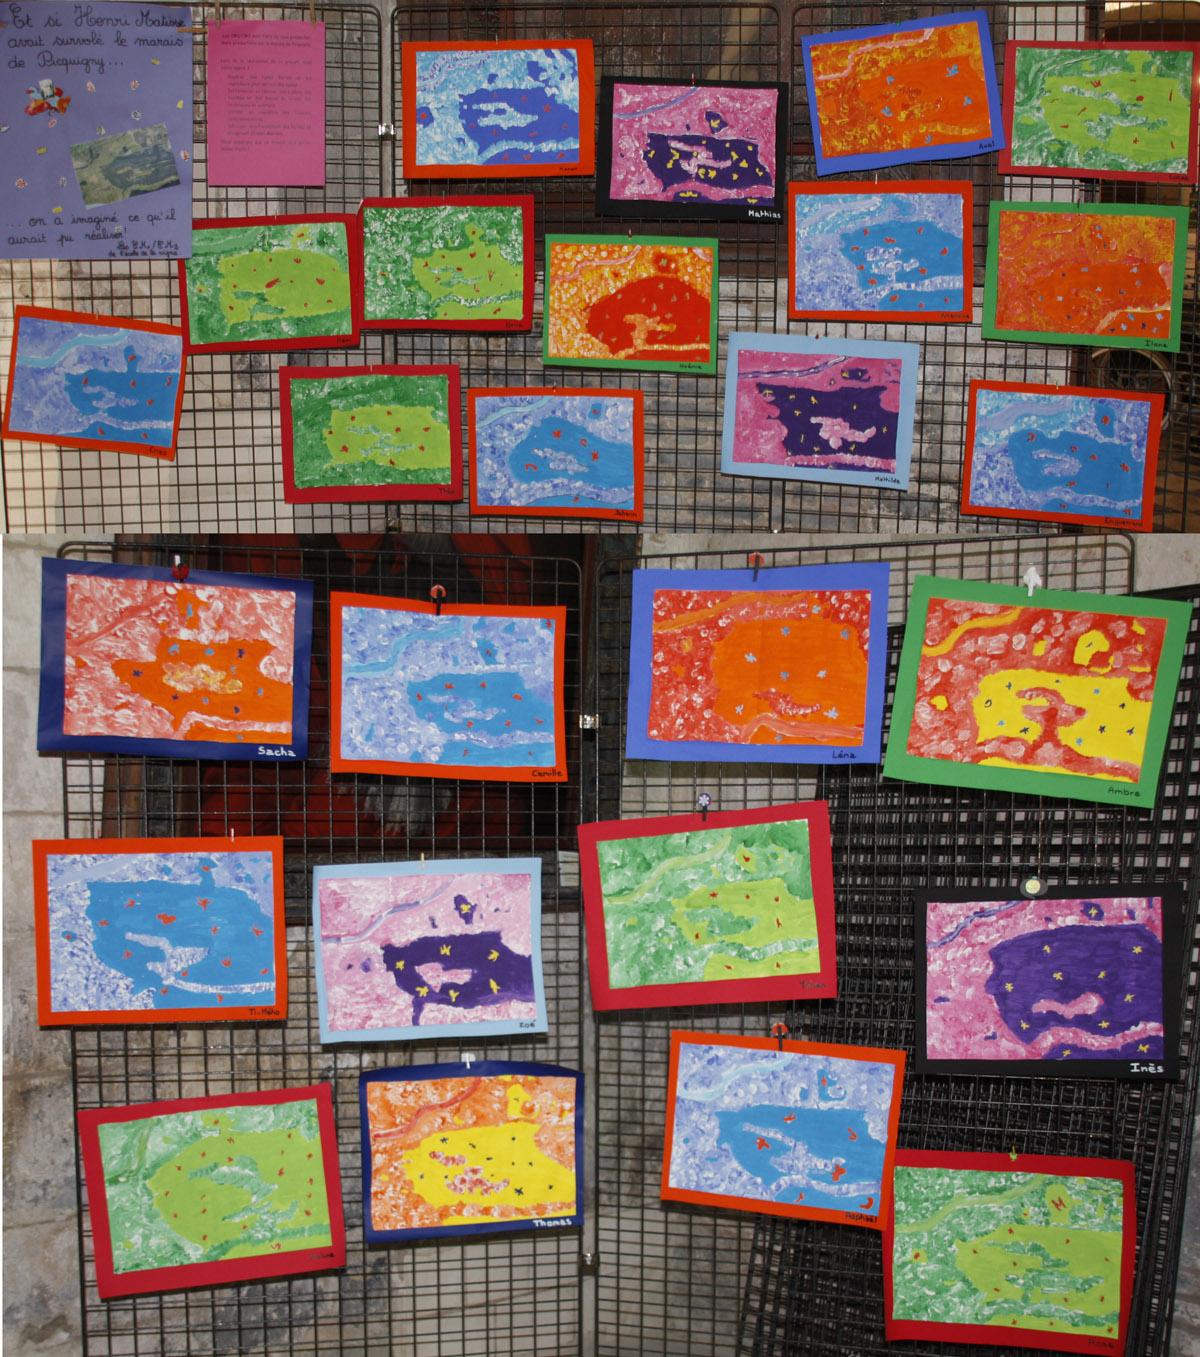 Exposition des travaux d'élèves de l'école sur le thème des marais de Picquigny.